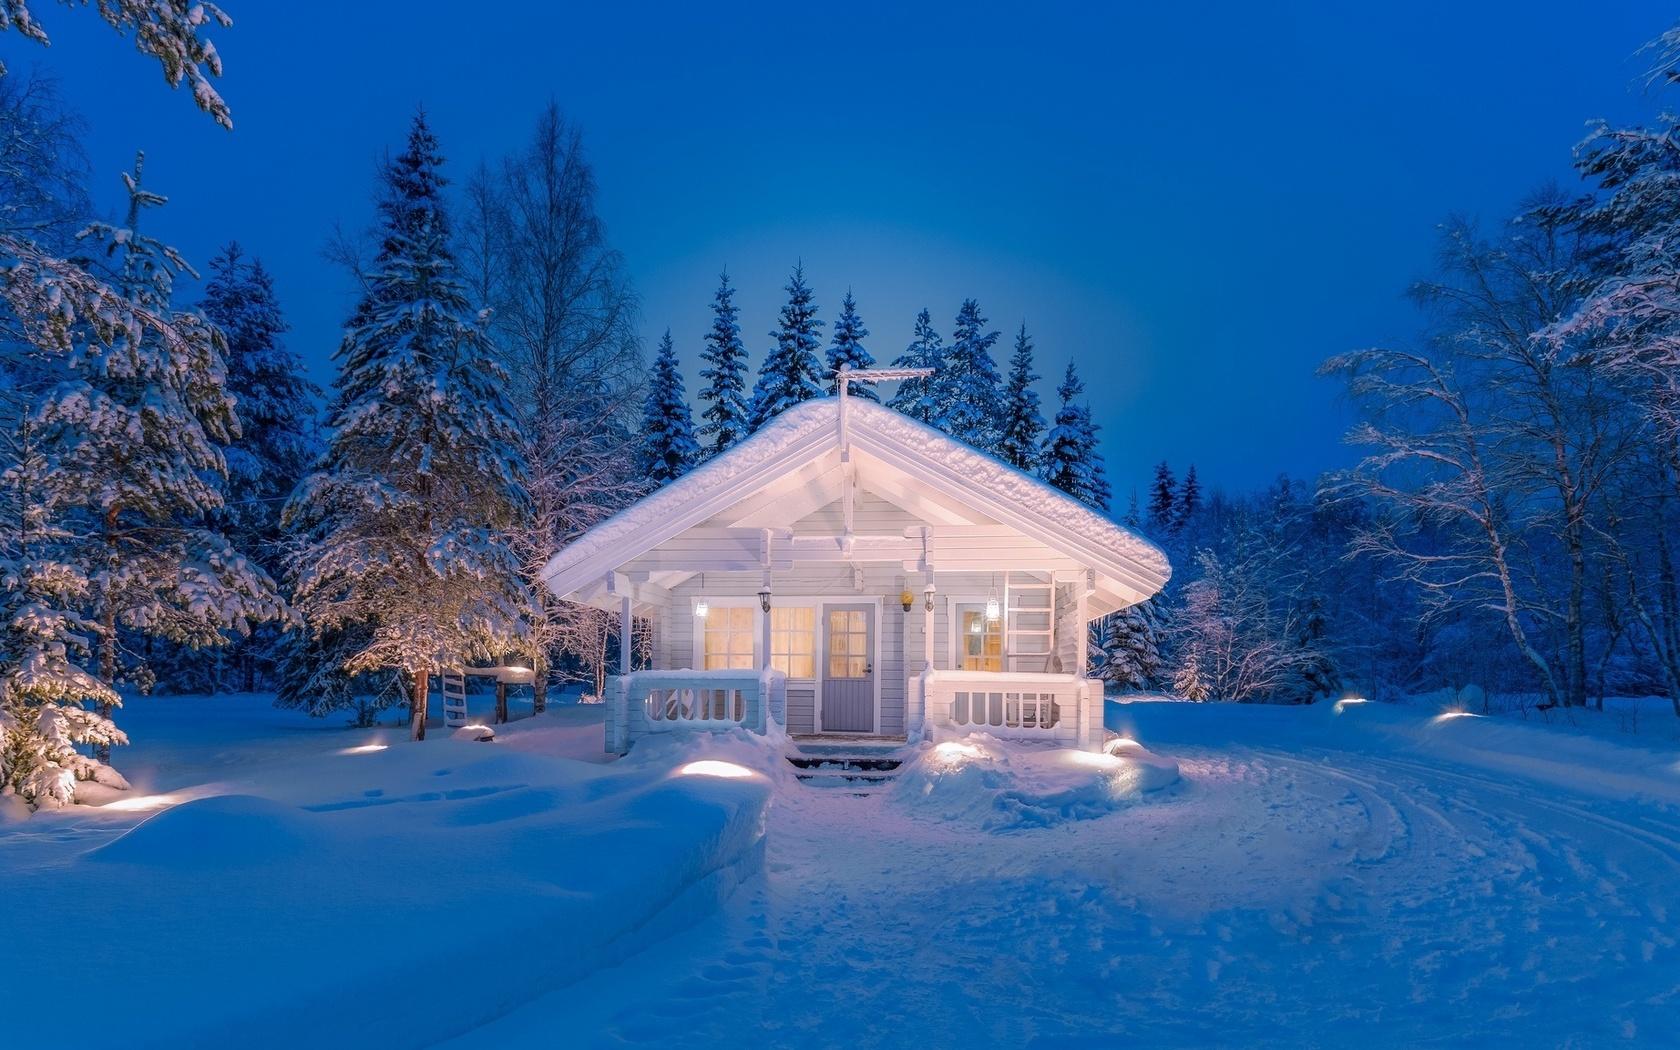 Зимний дом фото картинки